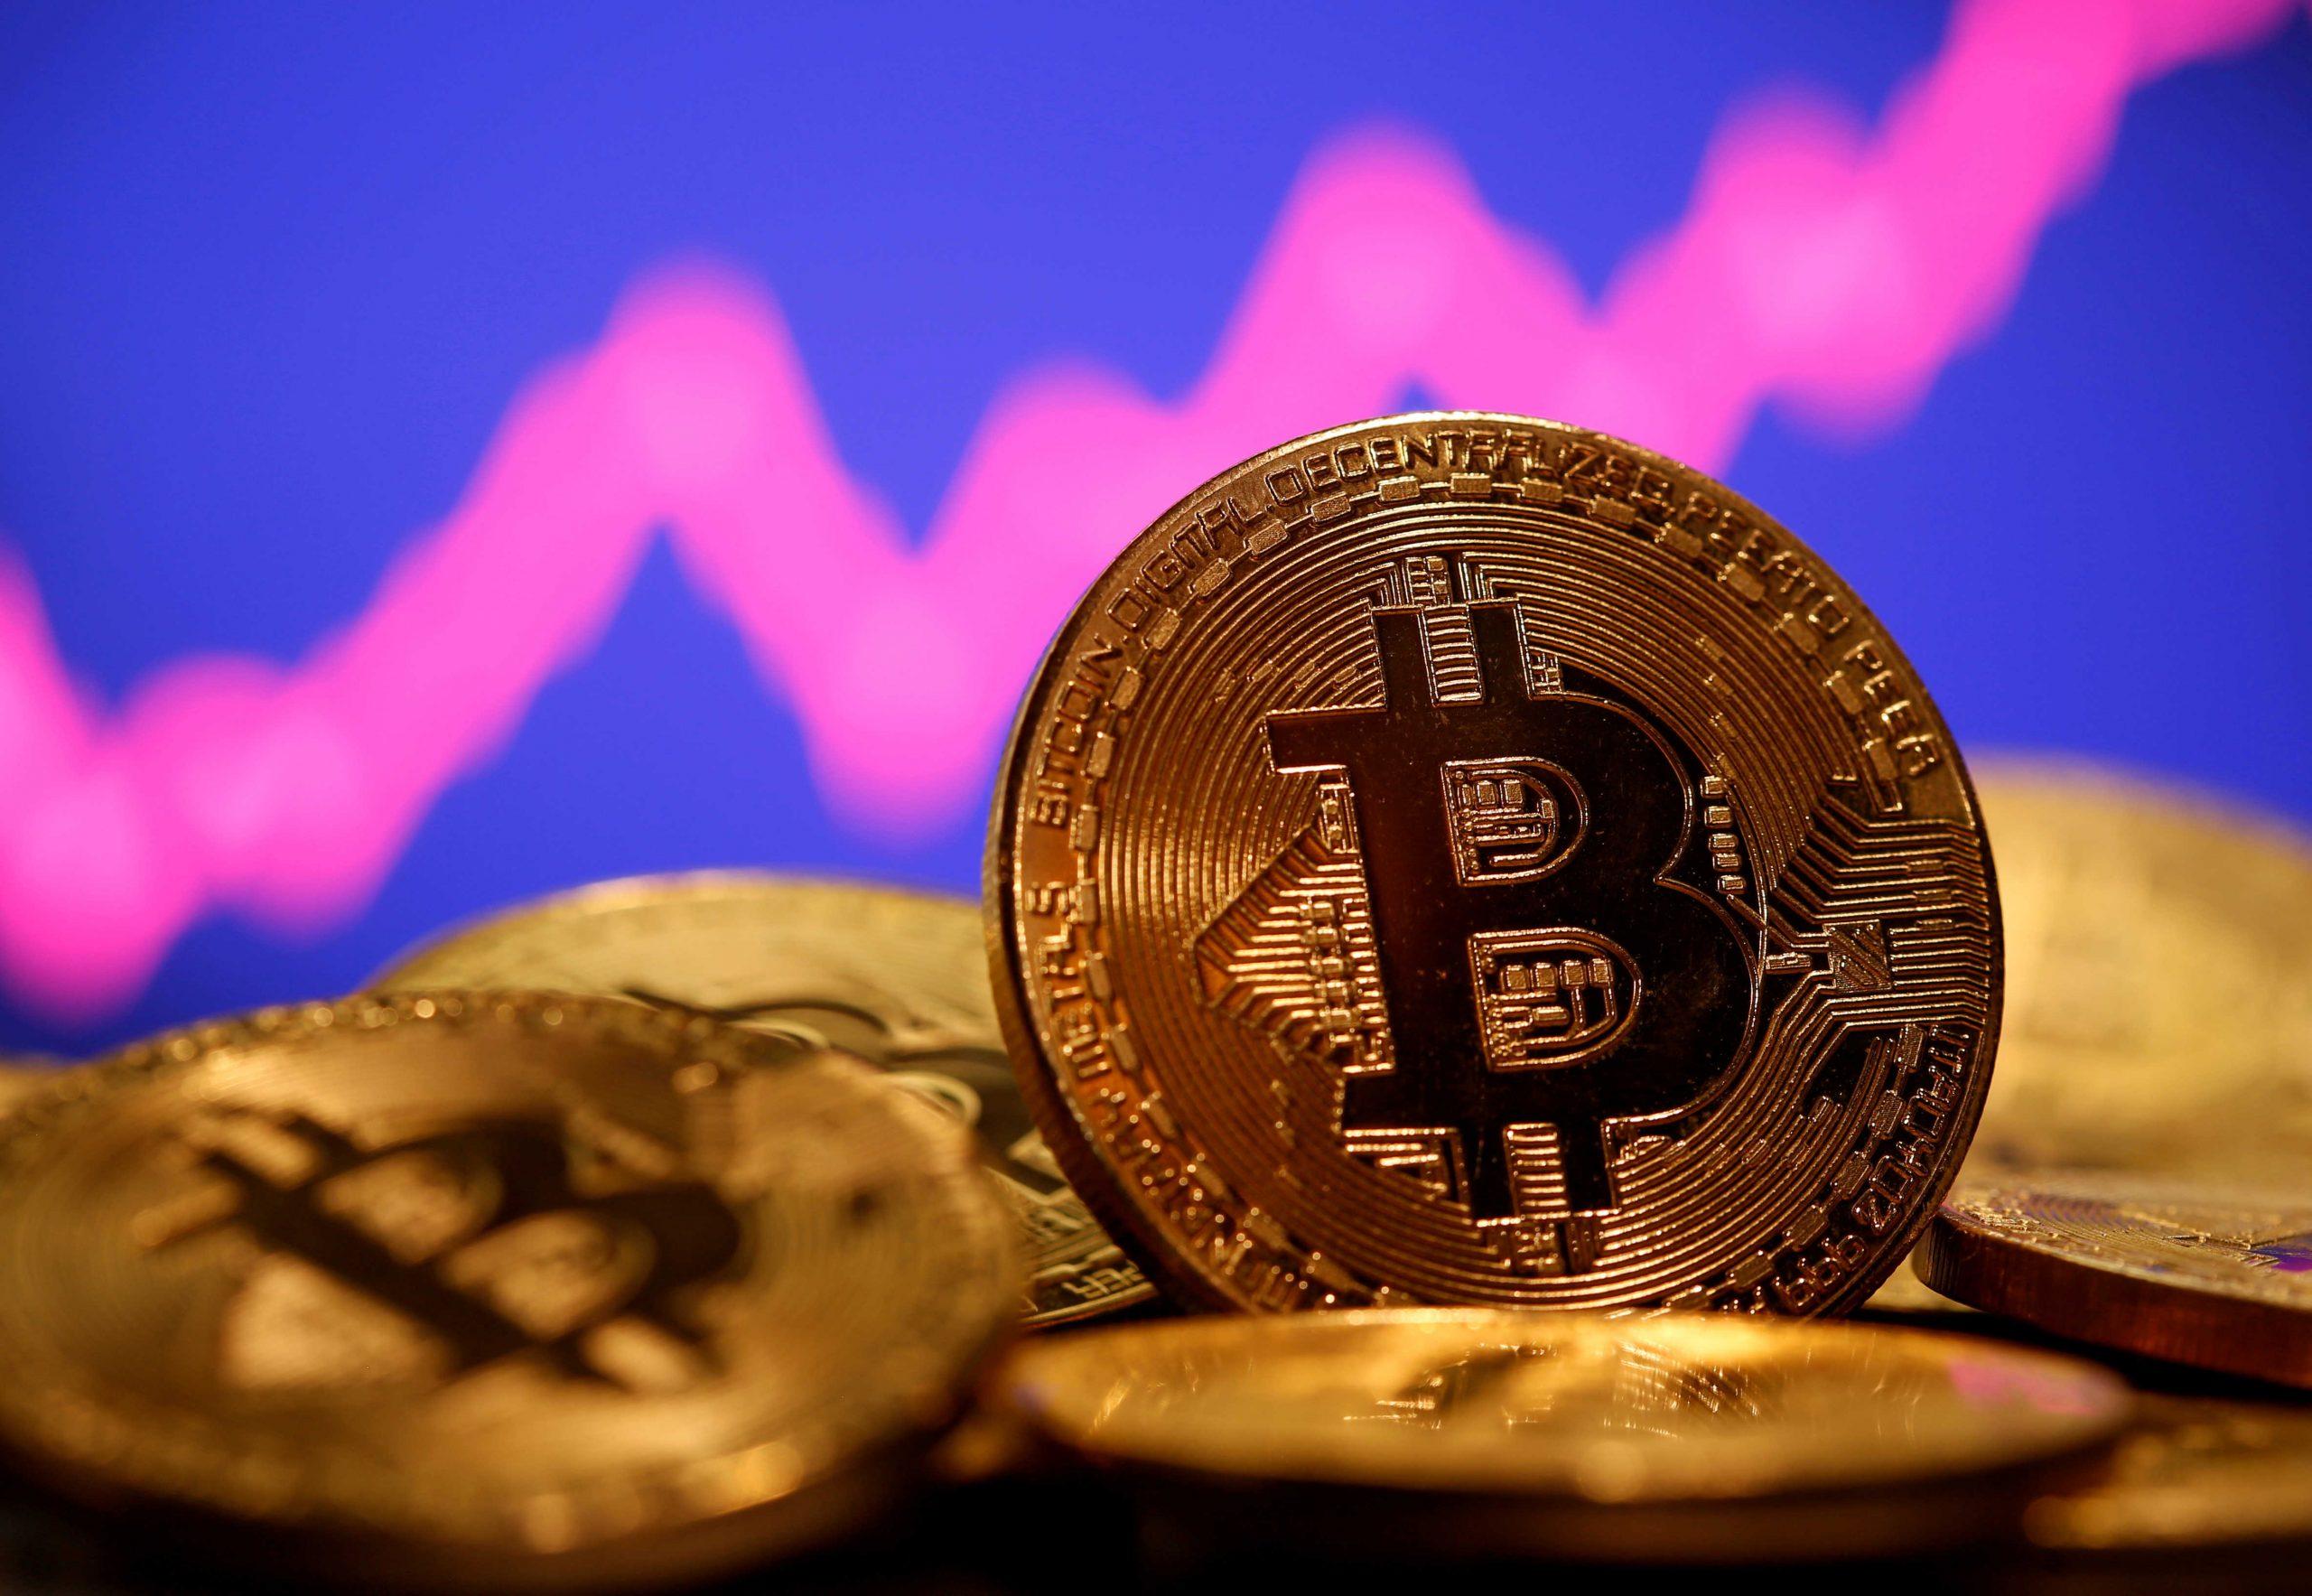 هام تركيا تحظر استخدام العملات الرقمية الإلكترونية (Digital Currency) 1